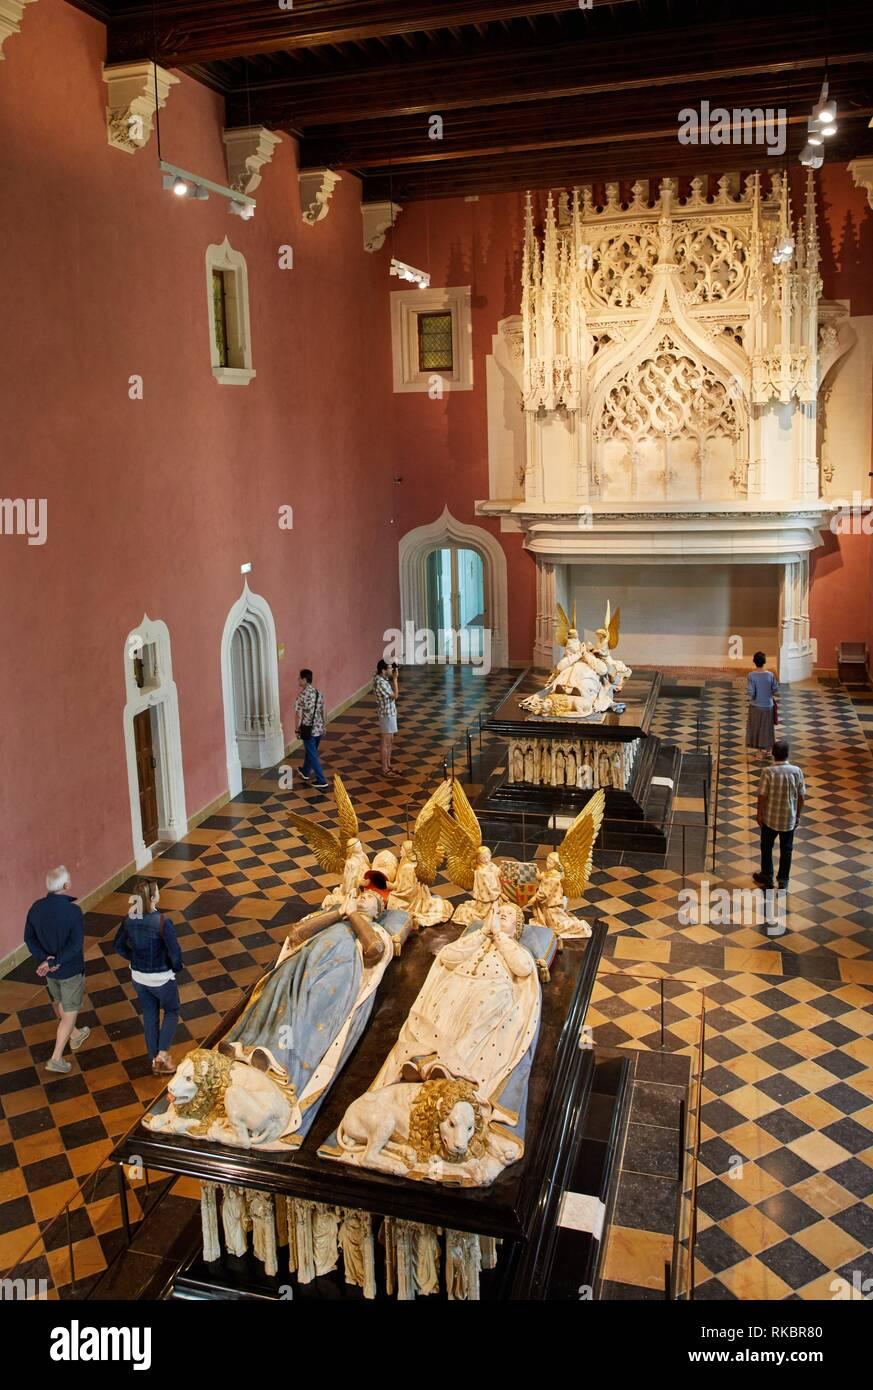 Salle des gardes, Tomb of John the Fearless and Margaret of Bavaria, 1400, Ducs de Bourgogne, Fine Arts Museum, Musée des Beaux-Arts, Dijon, Côte - Stock Image